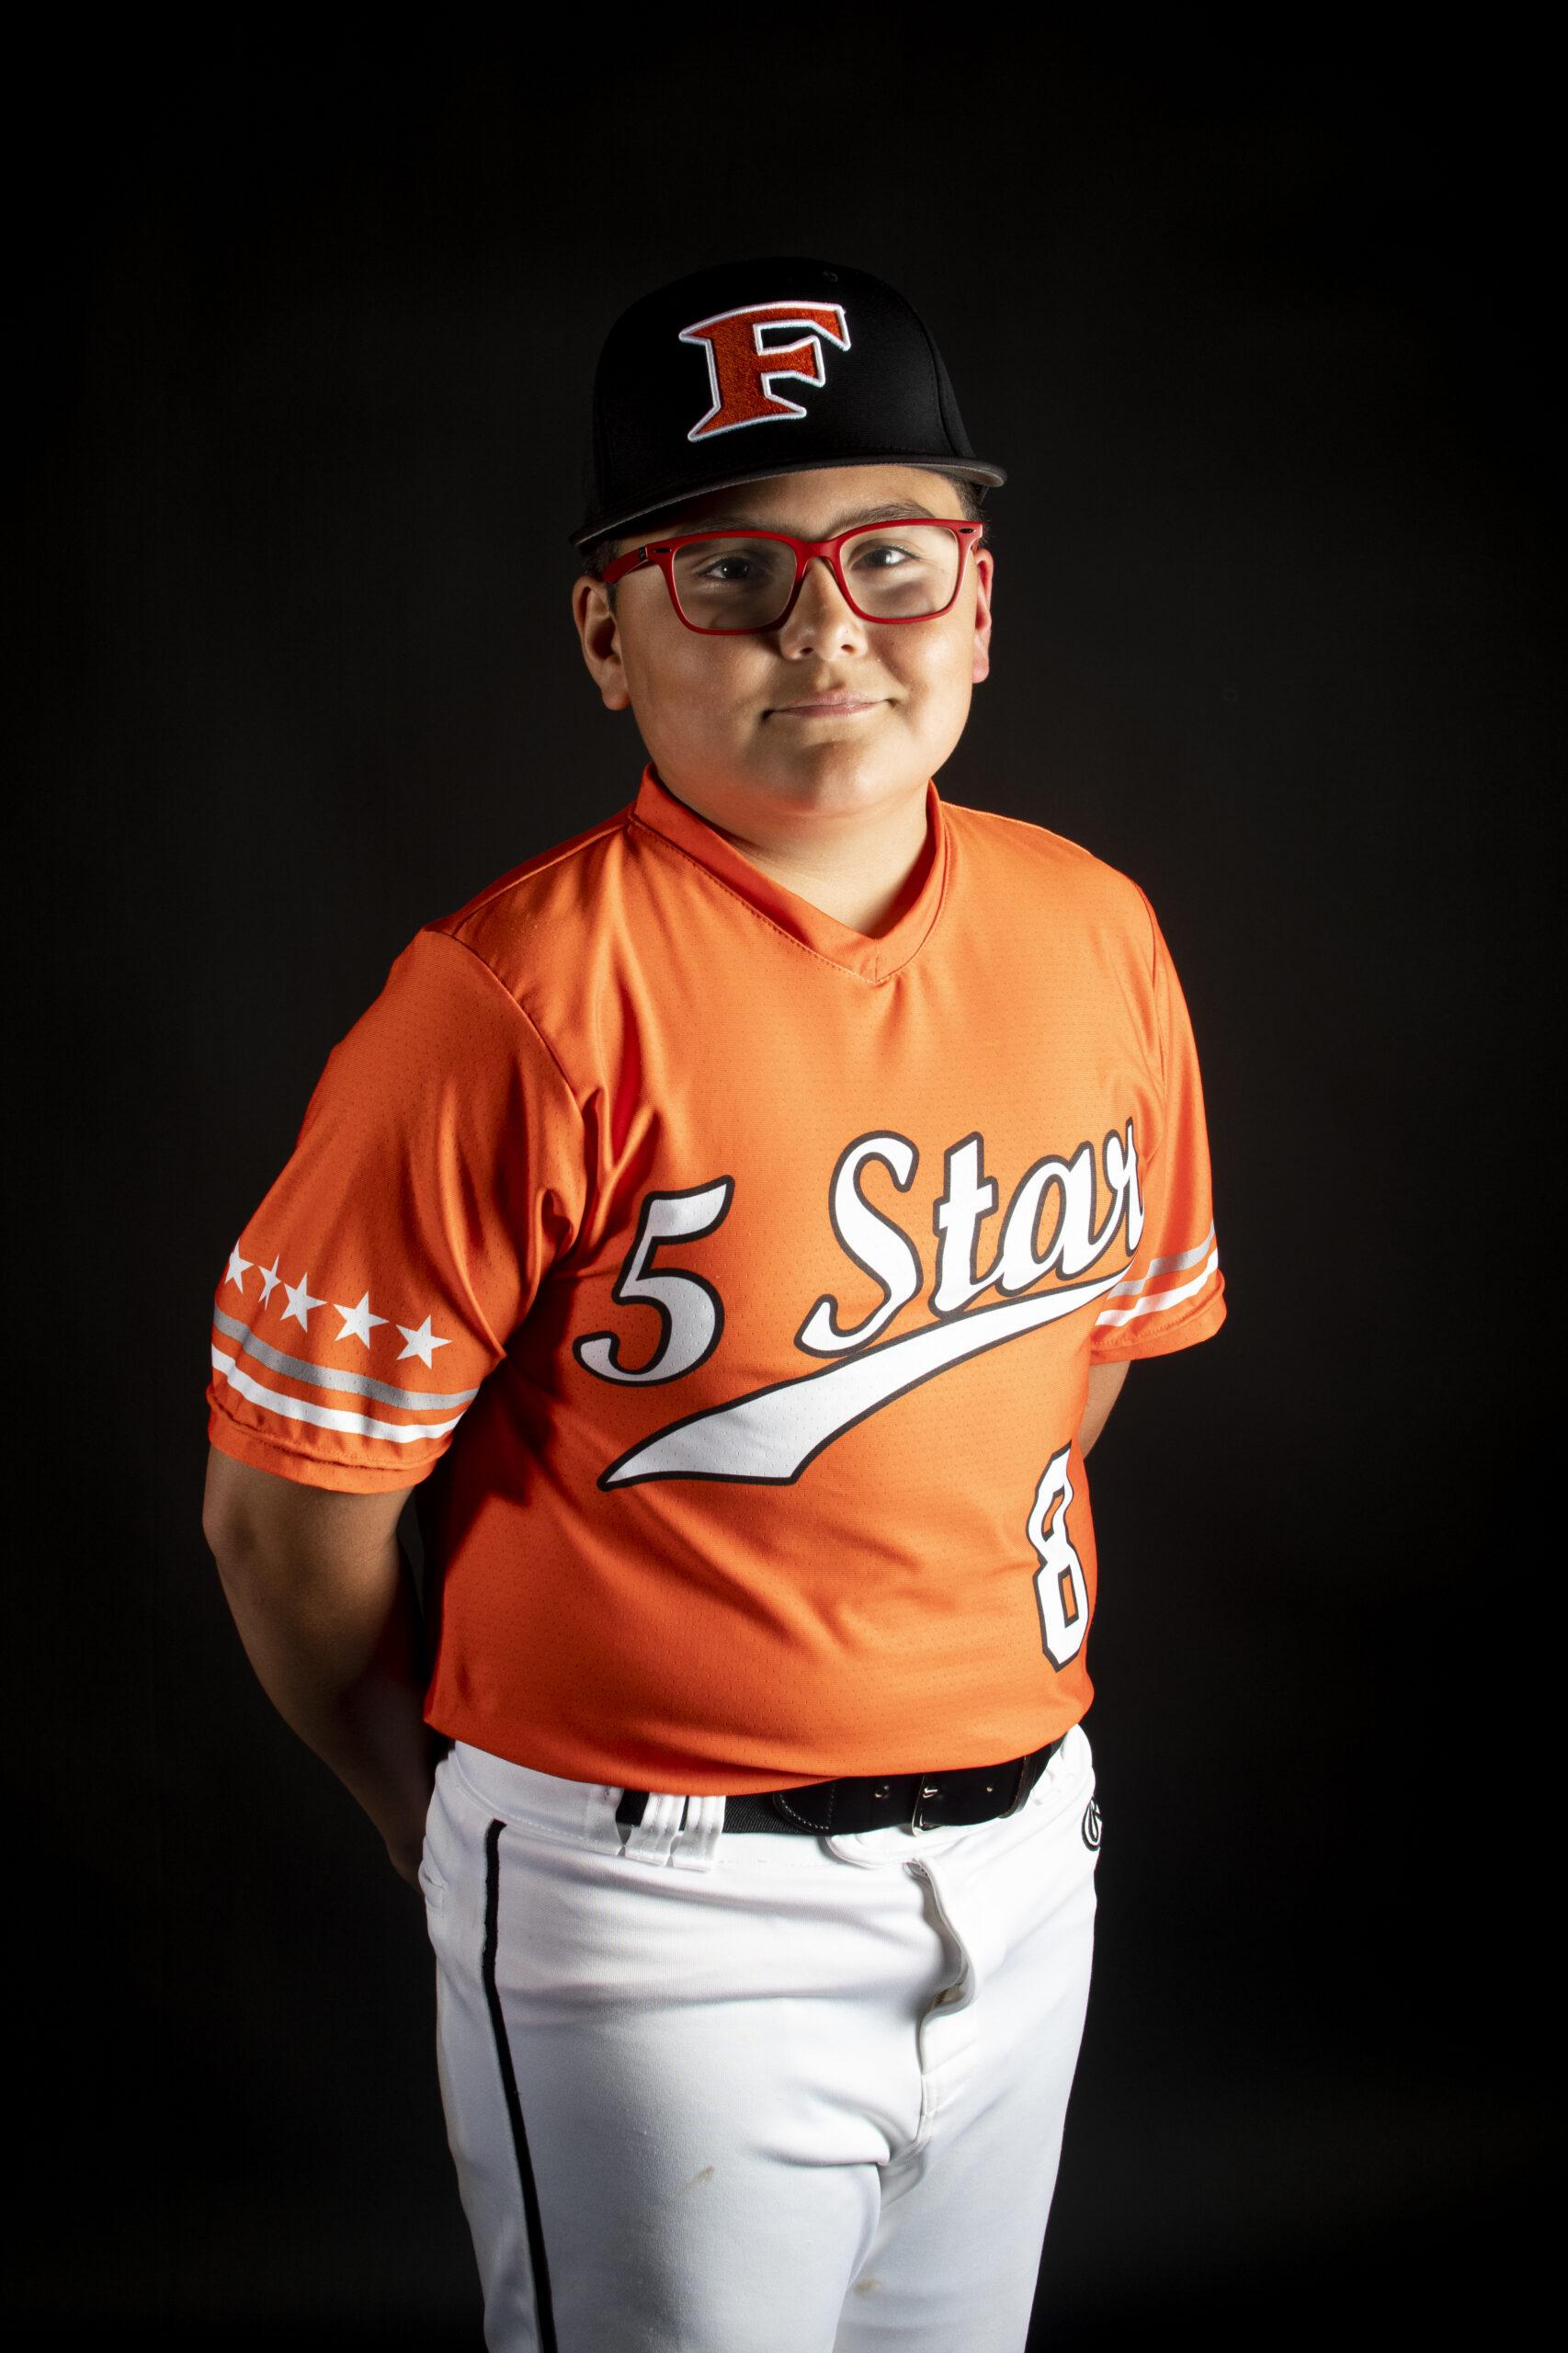 #8 Eric Morales